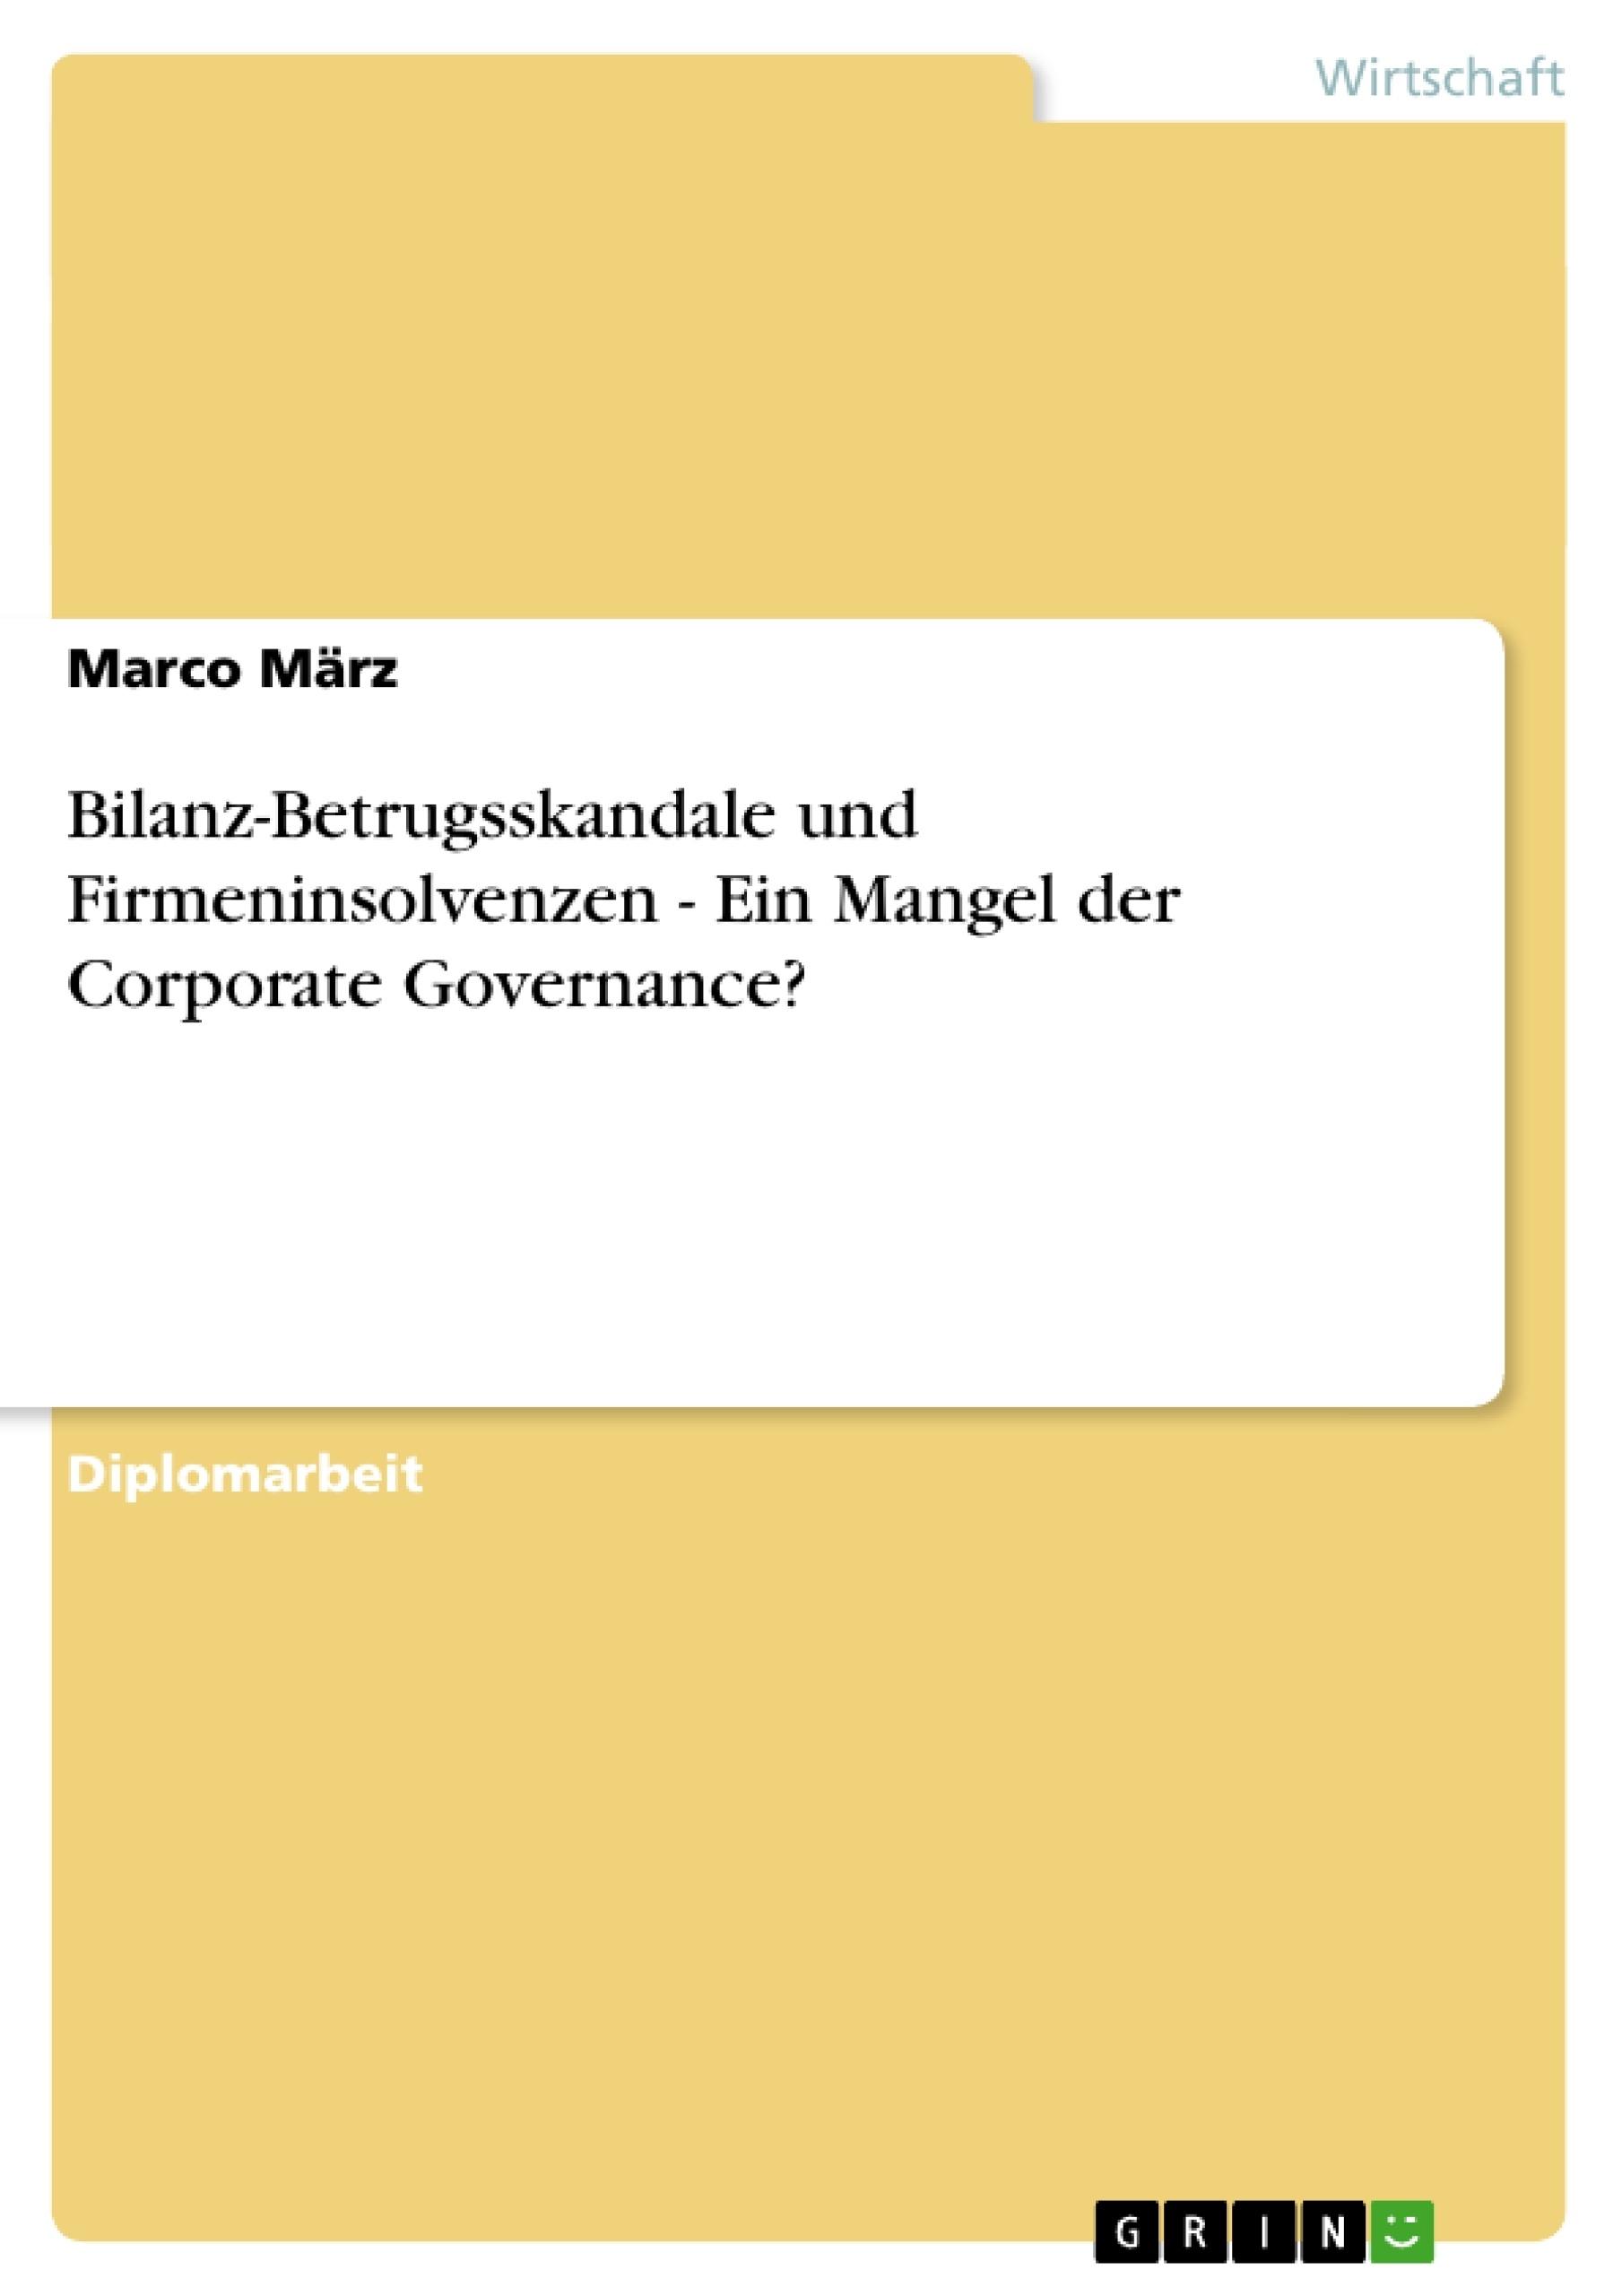 Titel: Bilanz-Betrugsskandale und Firmeninsolvenzen - Ein Mangel der Corporate Governance?